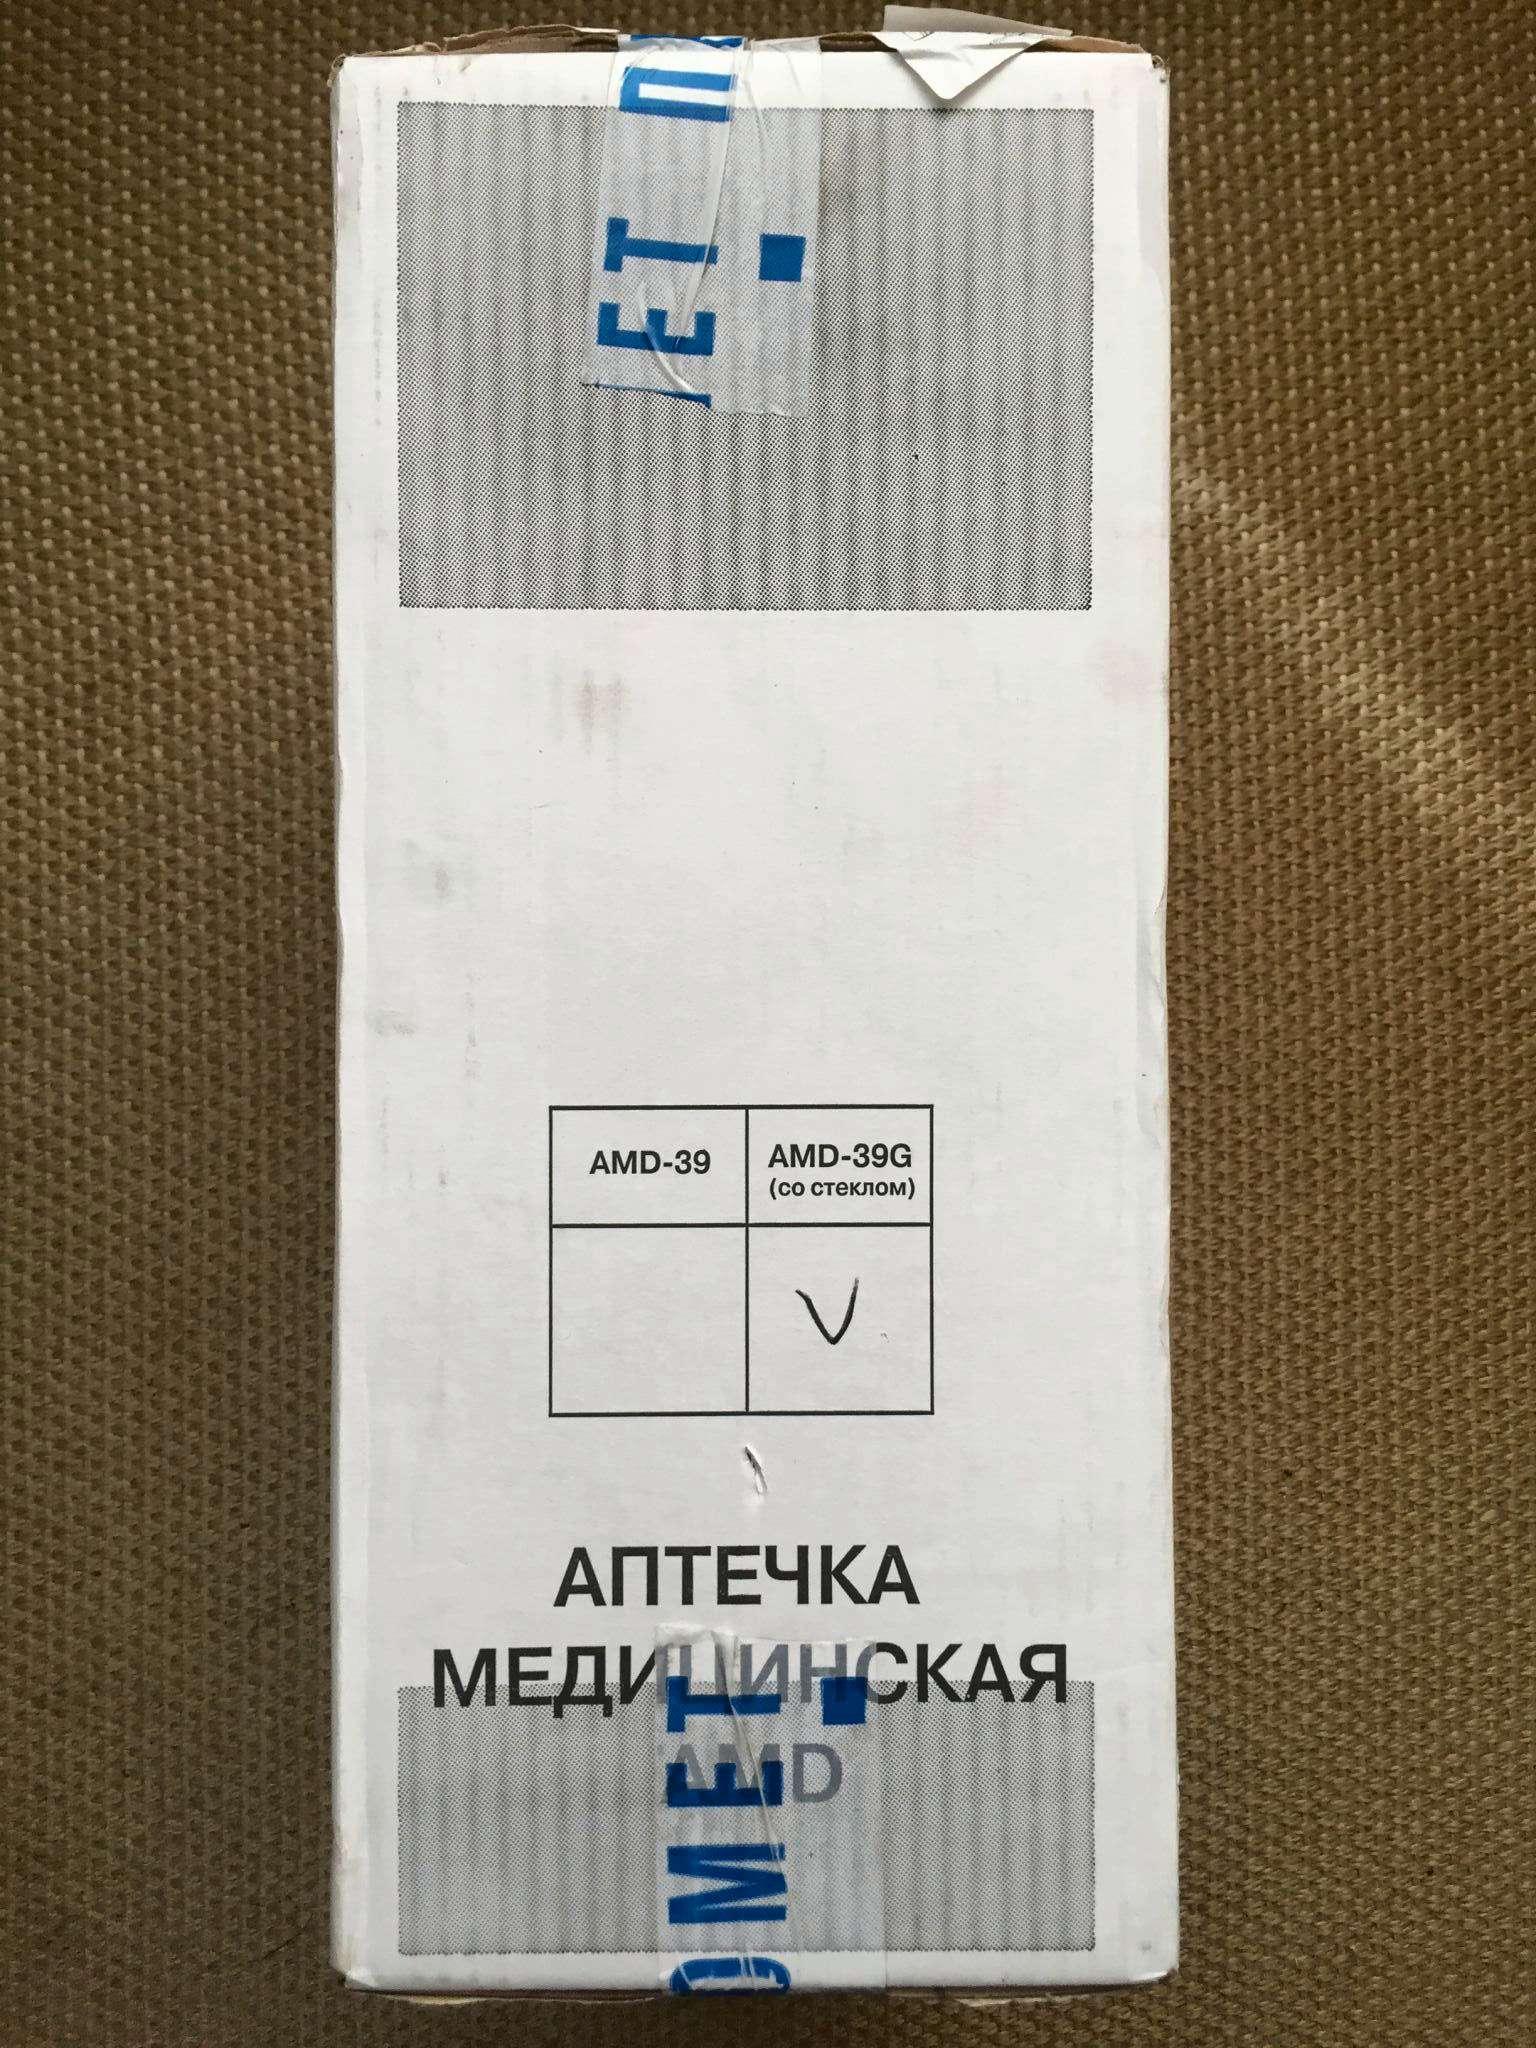 Псилоцибин Закладкой Псков Кристаллы Недорого Чебоксары